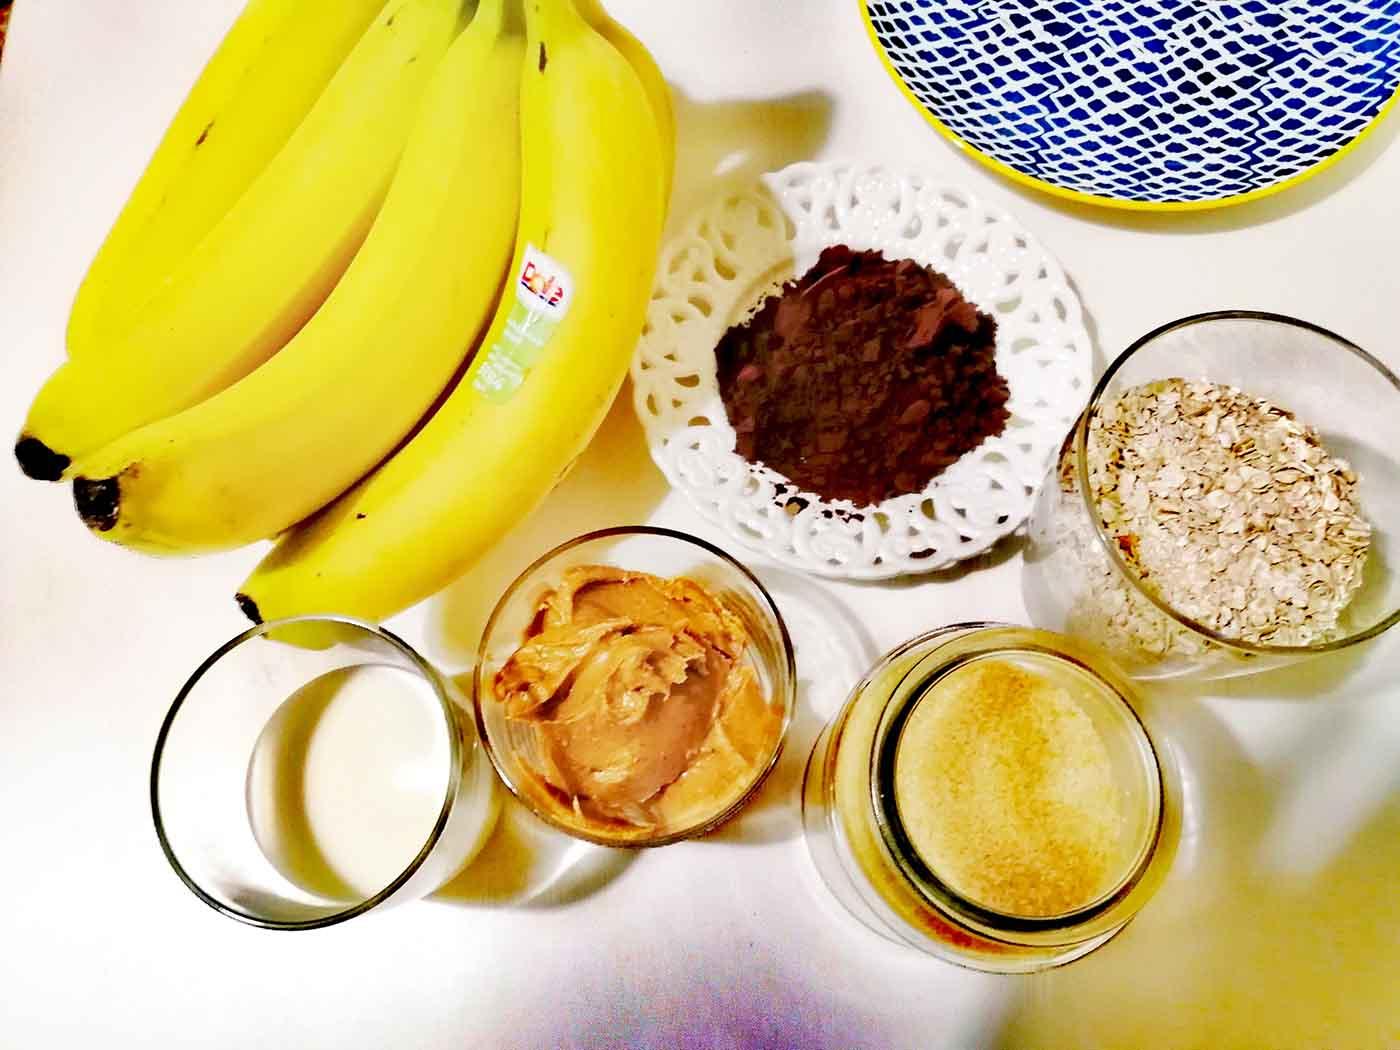 Μπαλάκια με φυστικοβούτυρο και Μπανάνα -Thisisus.gr